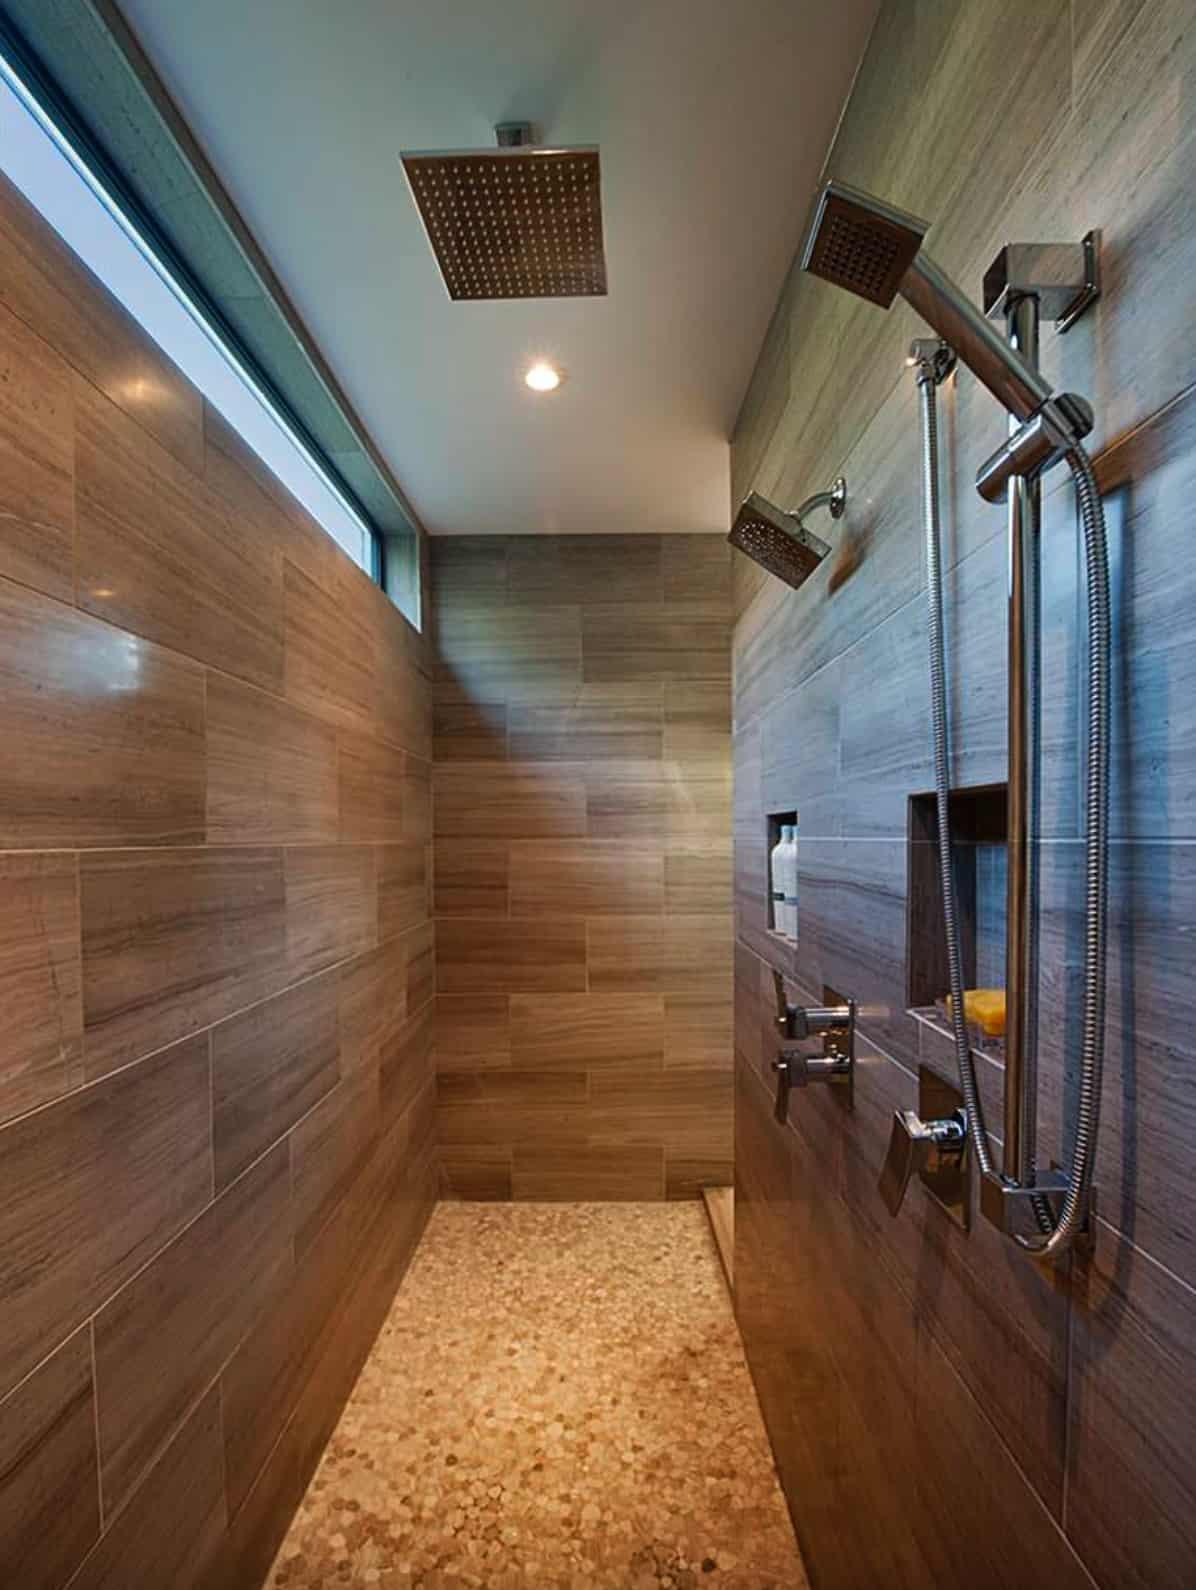 spa-like-walk-in-shower